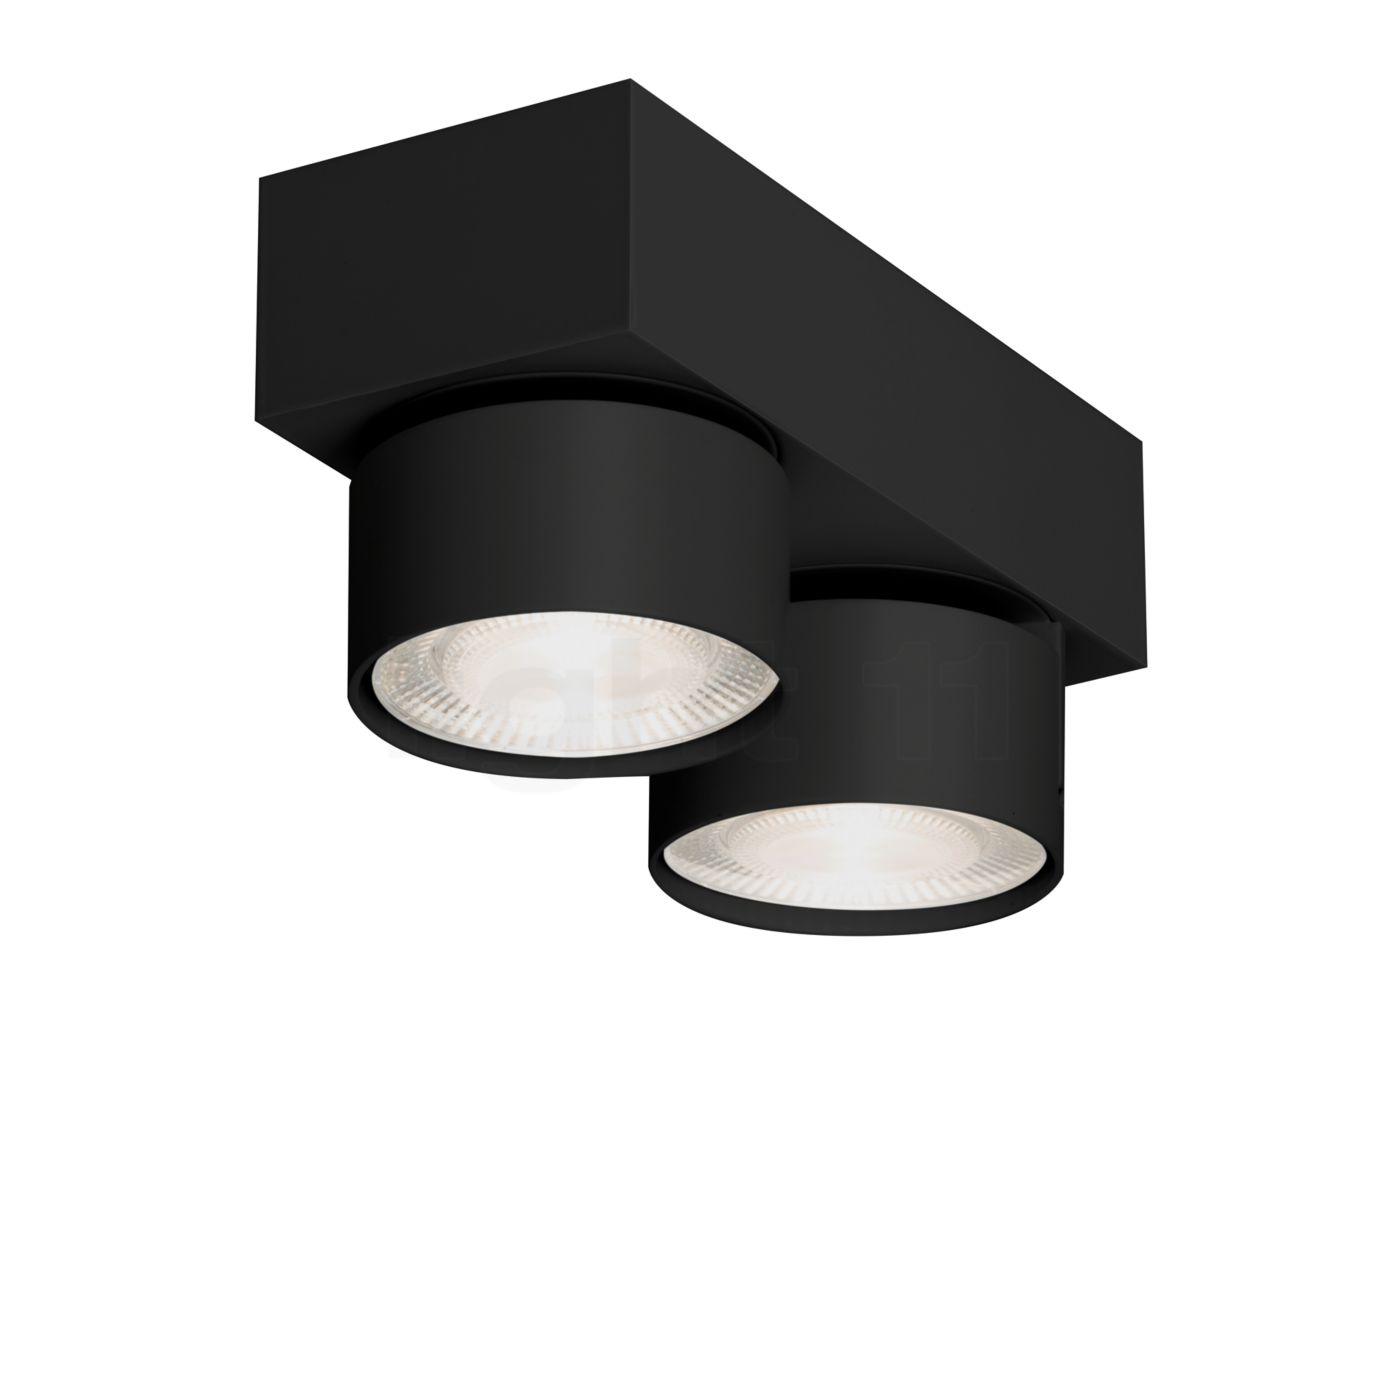 Wittenberg 4 0 Plafonnier LED noir mat  a65169b1ca6fe3319ab0f4e4d89f590c Résultat Supérieur 15 Superbe Plafonnier Led Noir Image 2017 Shdy7